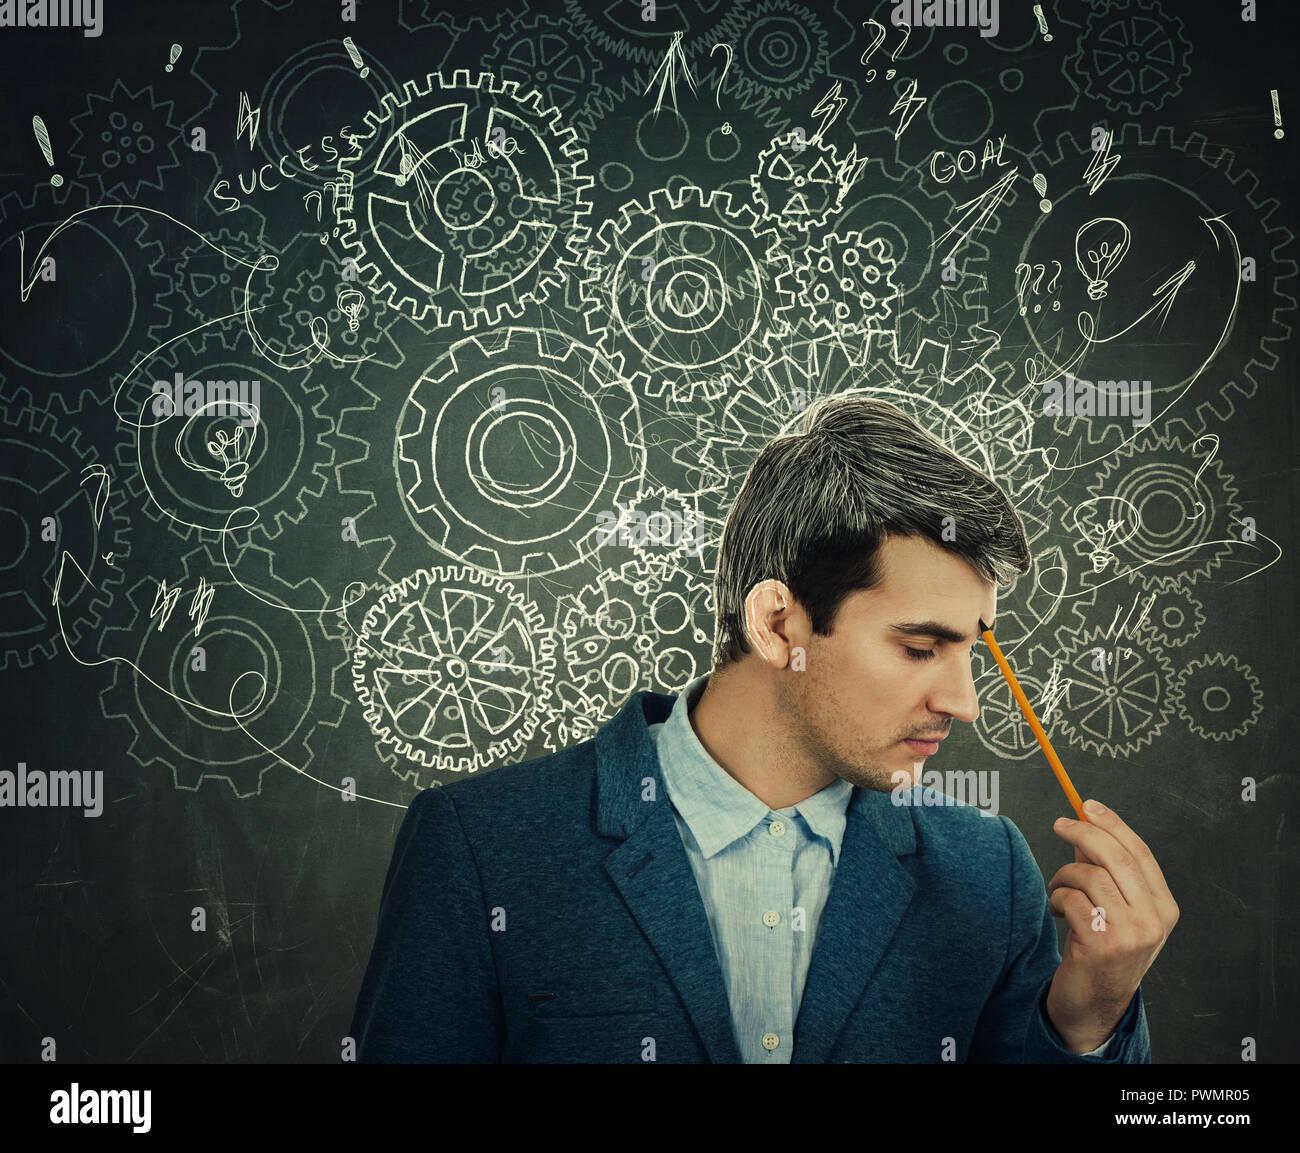 Harte denken ernster Mann über blackboard Hintergrund gang Gehirn Pfeile und Verwirrung als Gedanken. Konzept für psychische, seelische Entwicklung. Stockbild